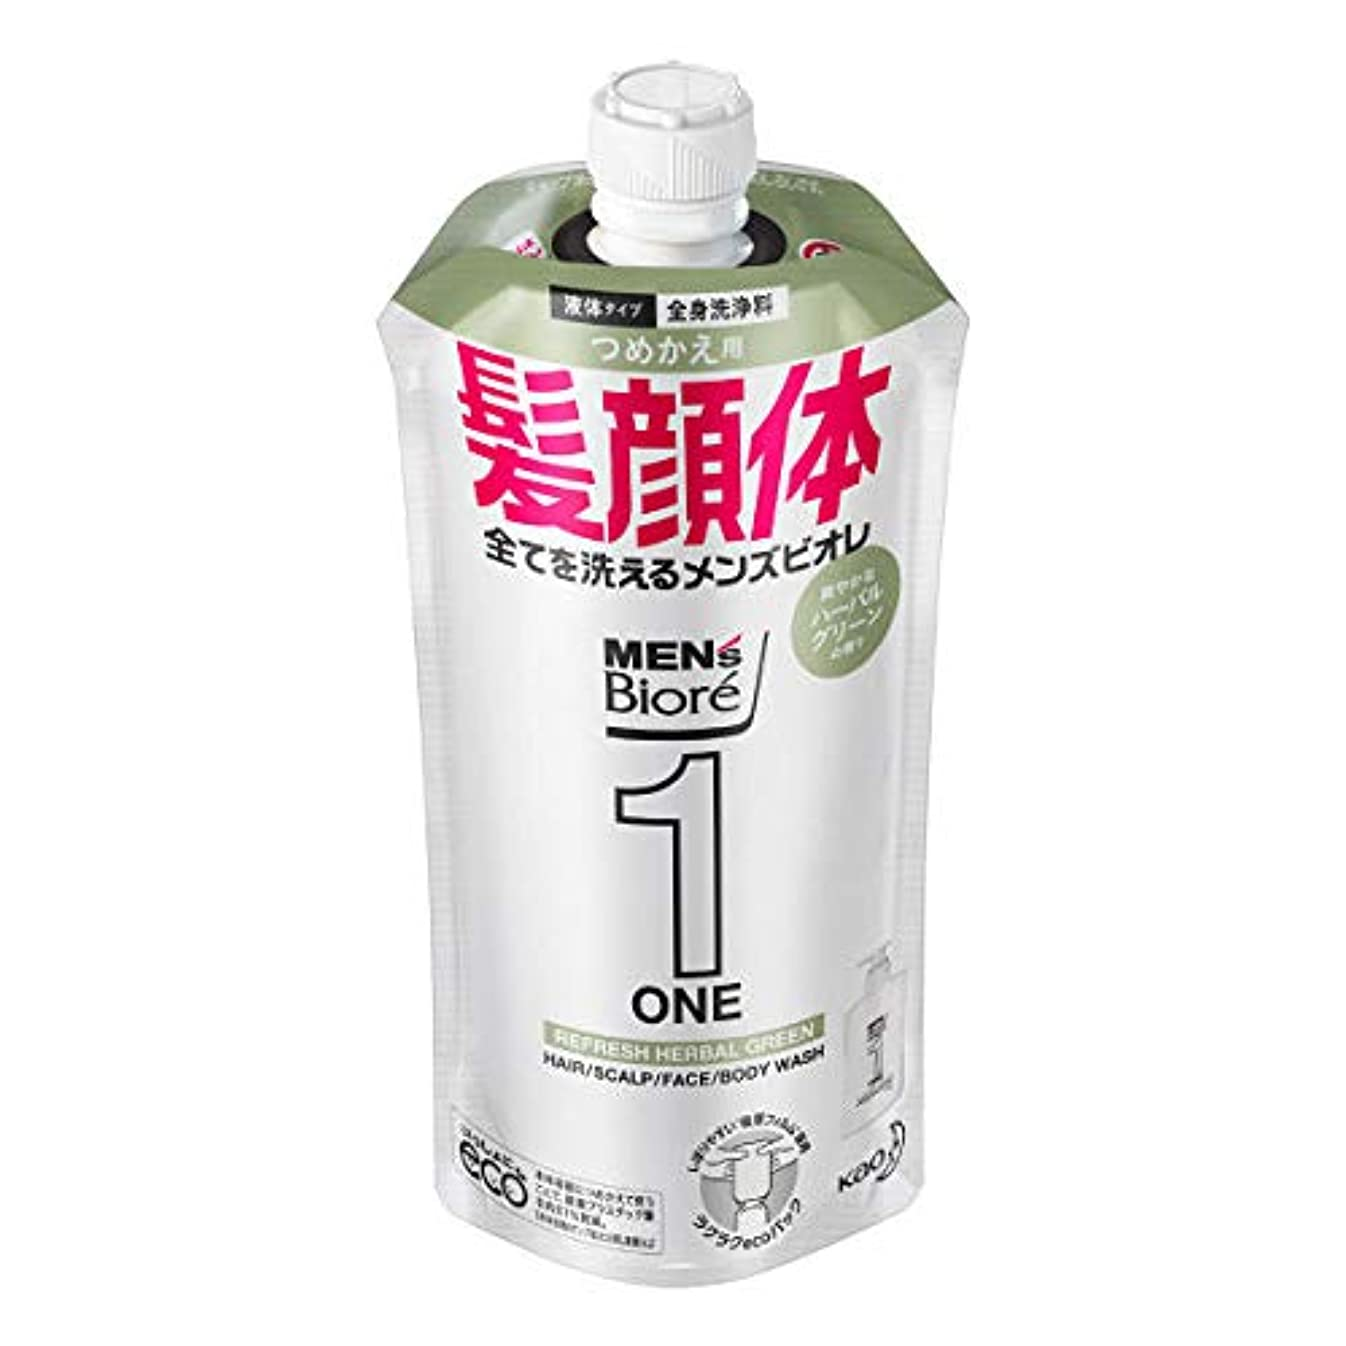 インタビューフリース回転するメンズビオレONE オールインワン全身洗浄料 爽やかなハーブルグリーンの香り つめかえ用 340mL